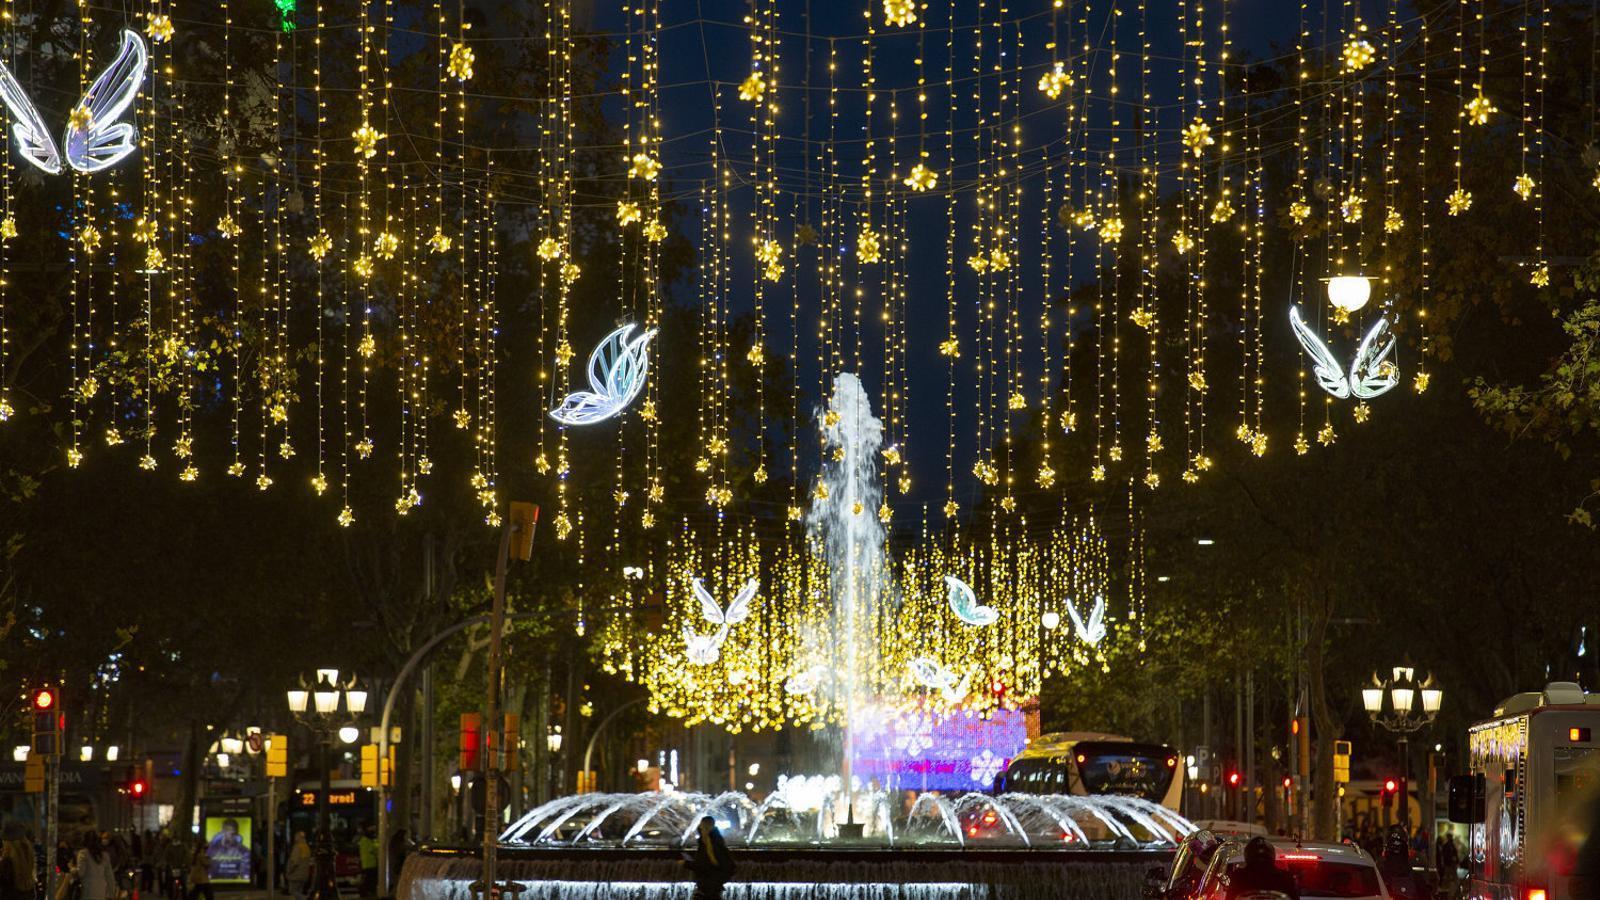 Es preveu que la mobilitat i les relacions socials augmentin durant les festes de Nadal.